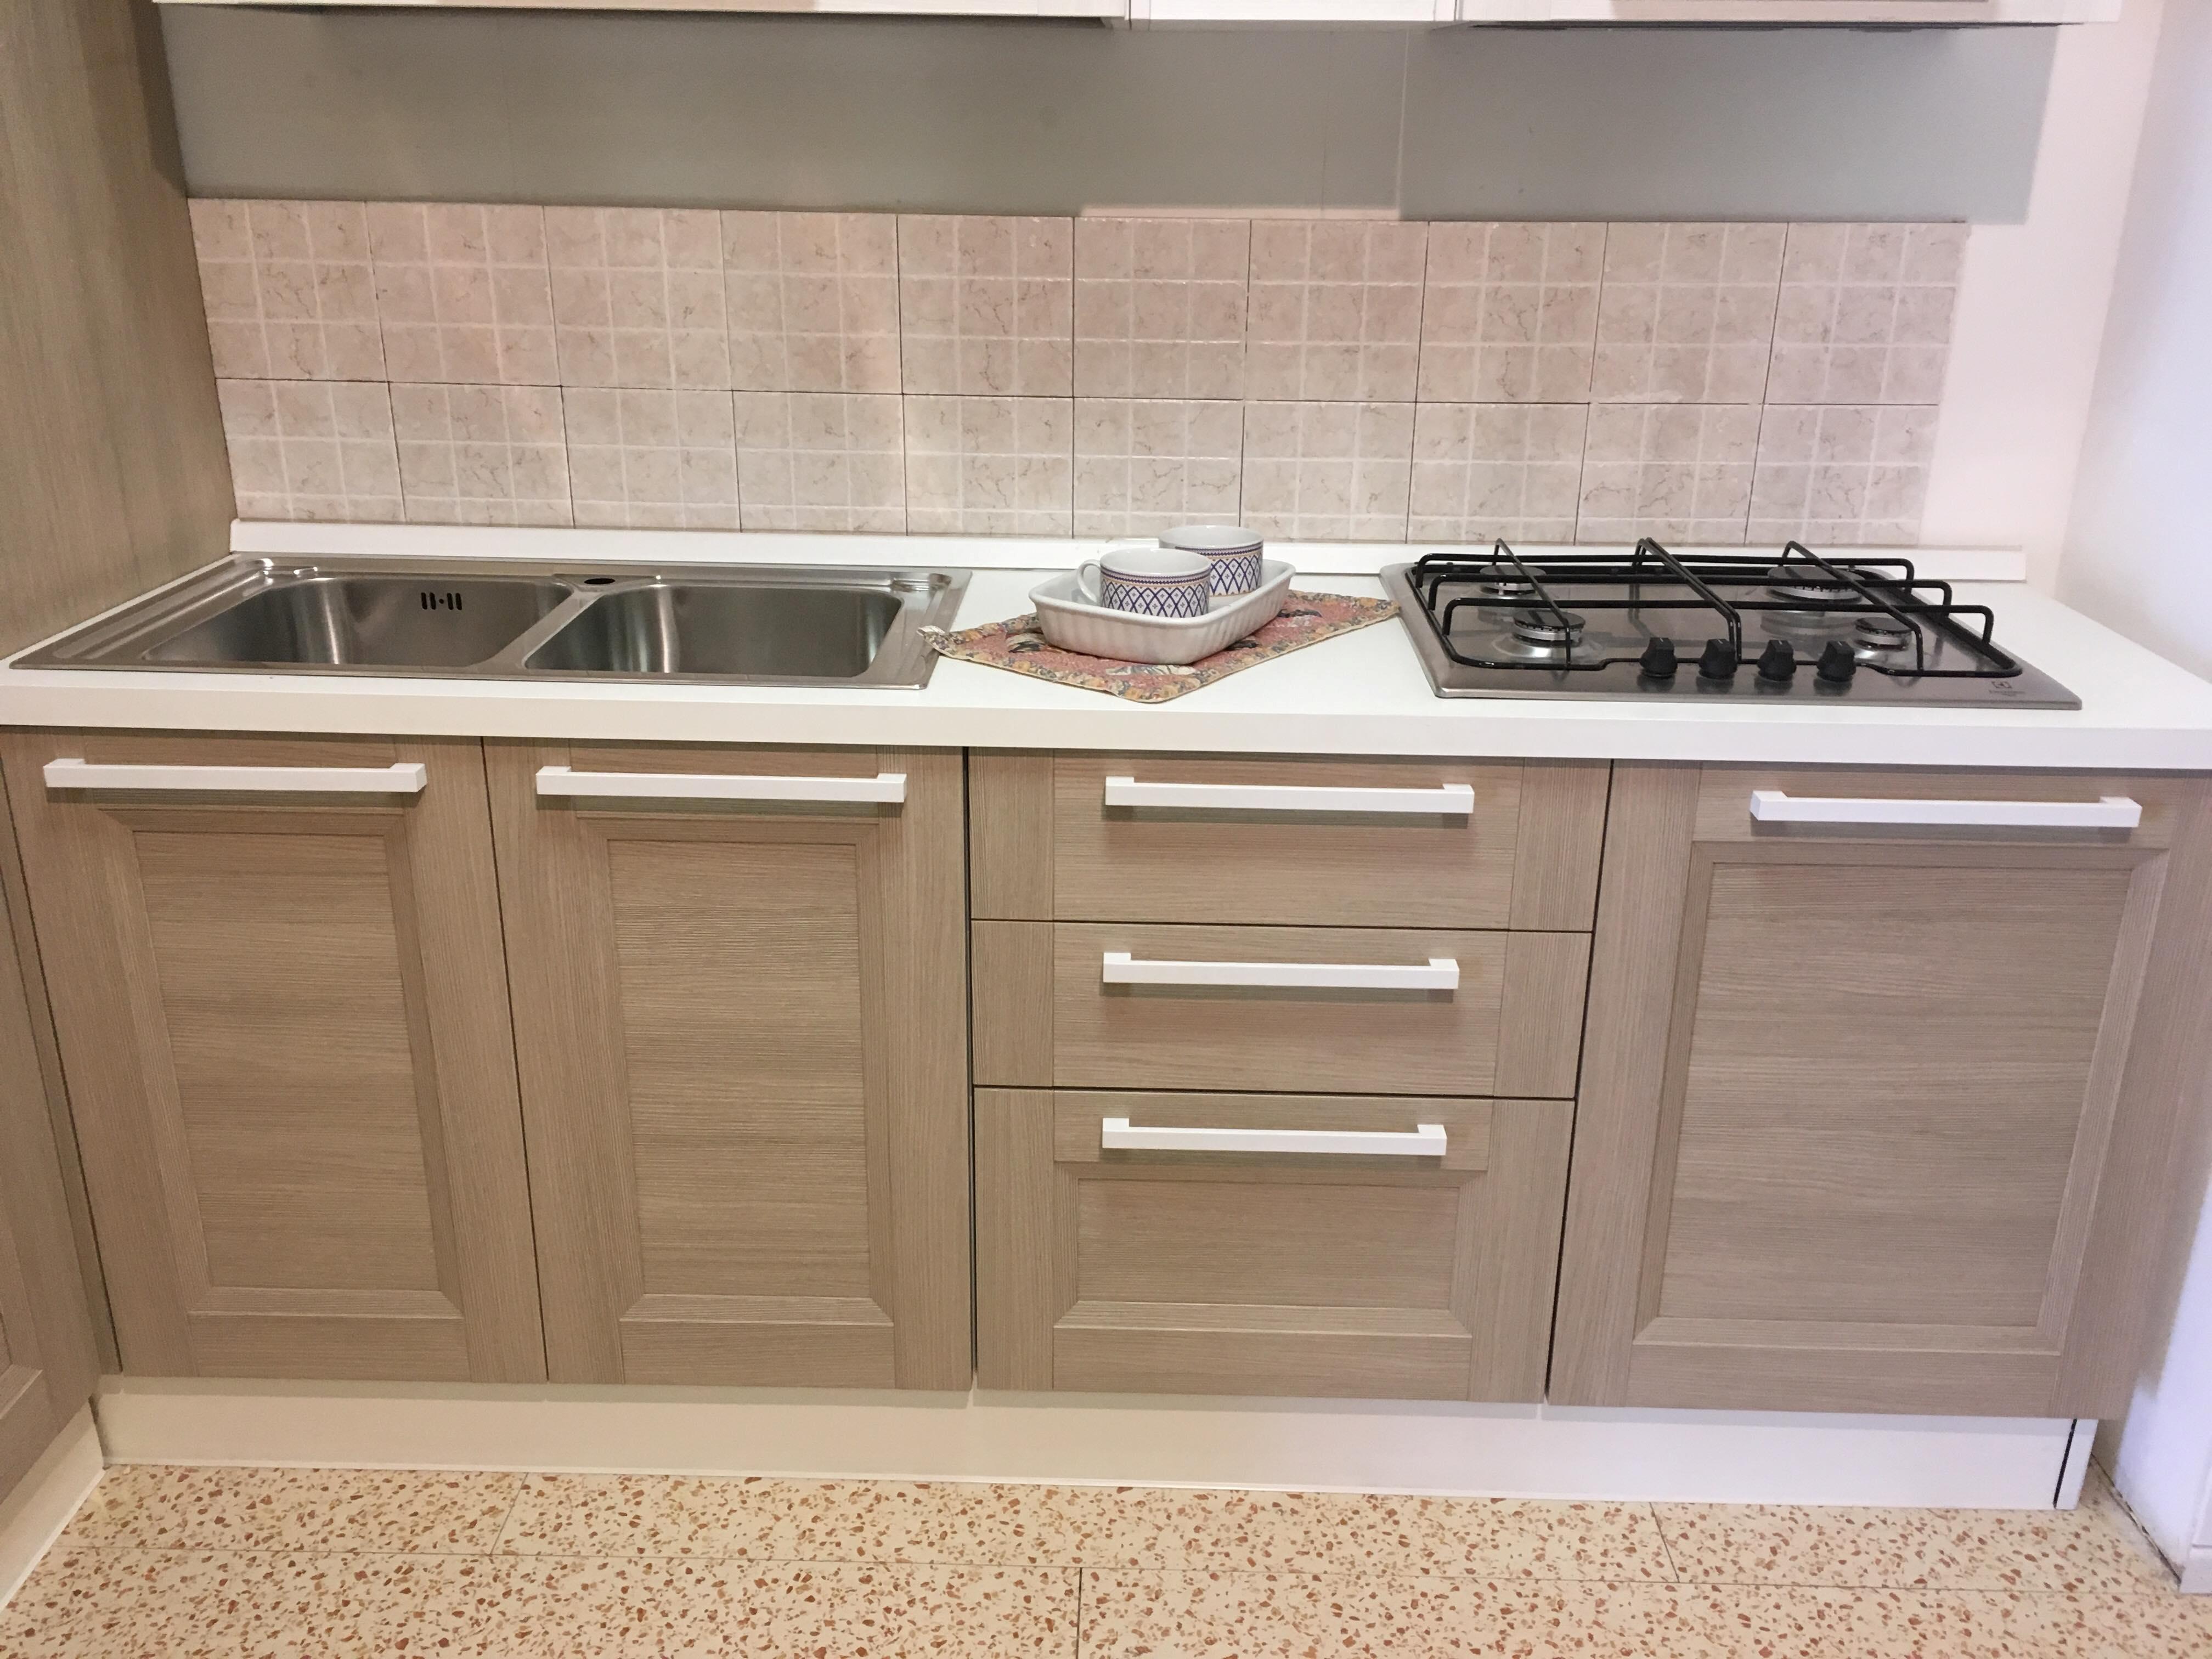 Cucina ad angolo astra cucine modello ego in offerta scontata del 33 cucine a prezzi scontati - Astra cucine prezzi ...